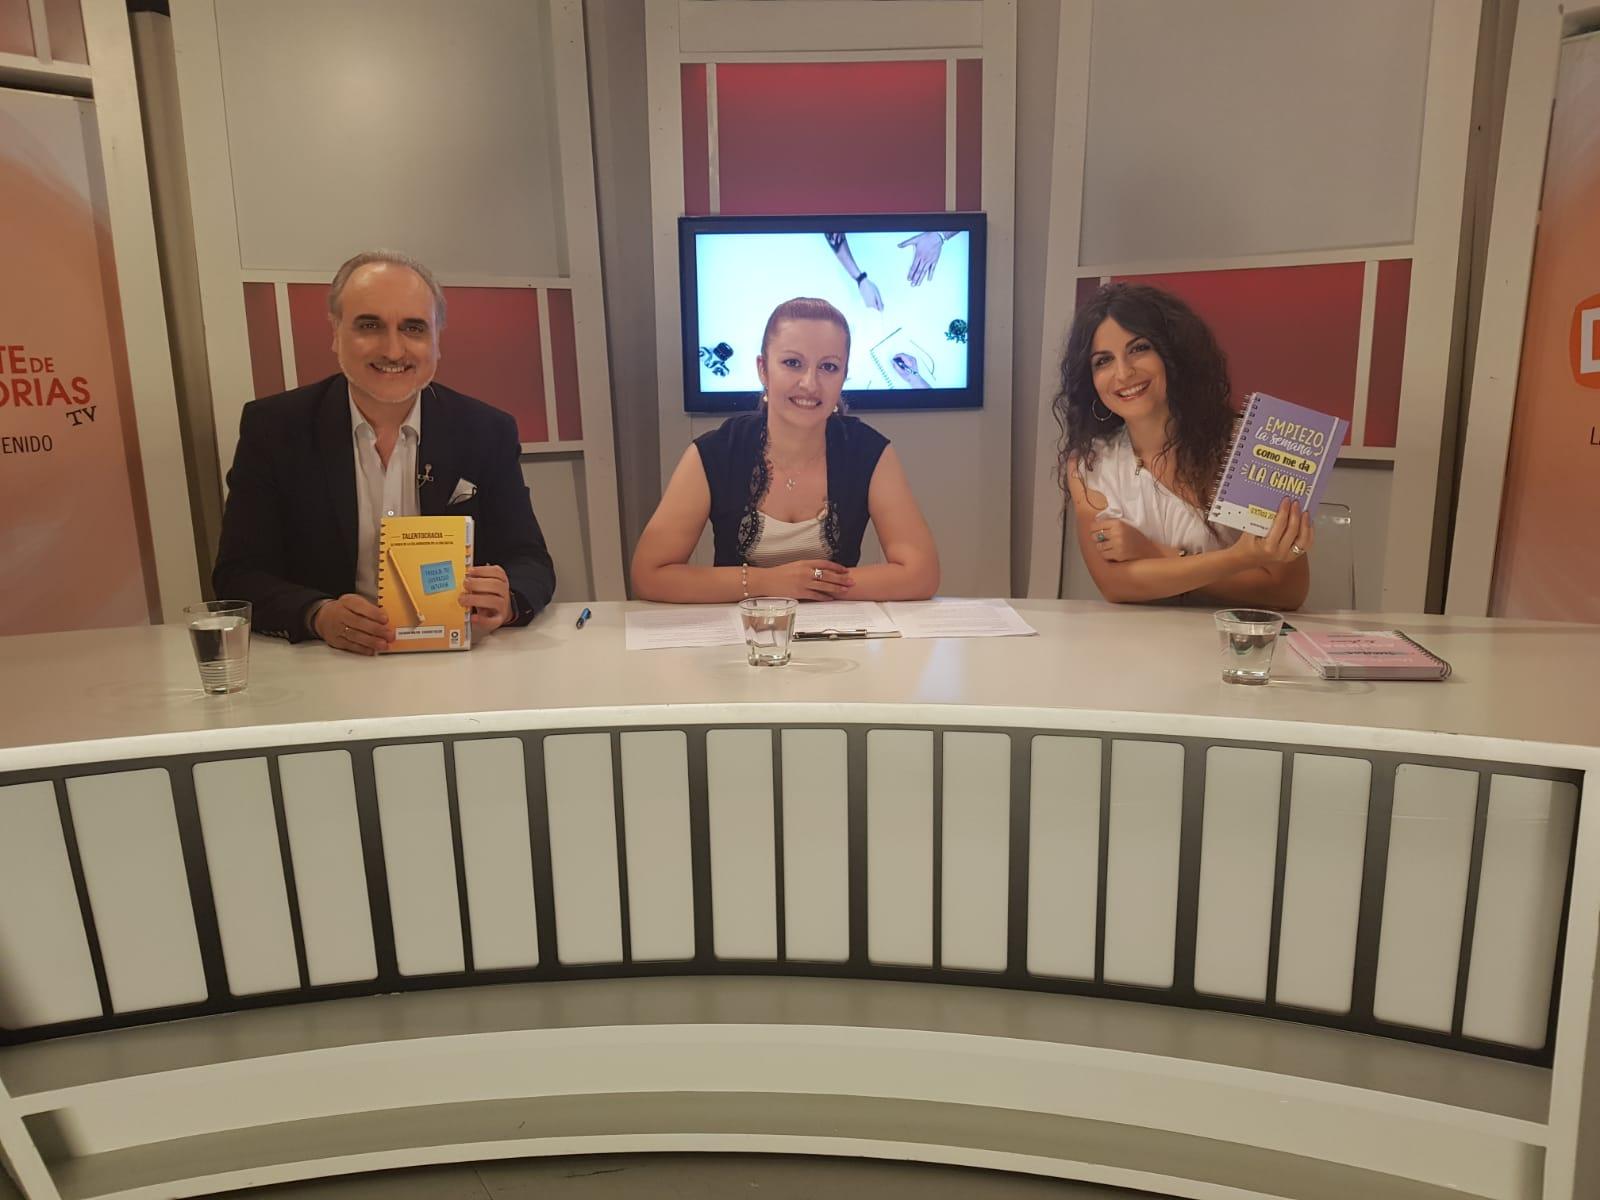 Salvador Molina en el plató de Déjate de Historias TV